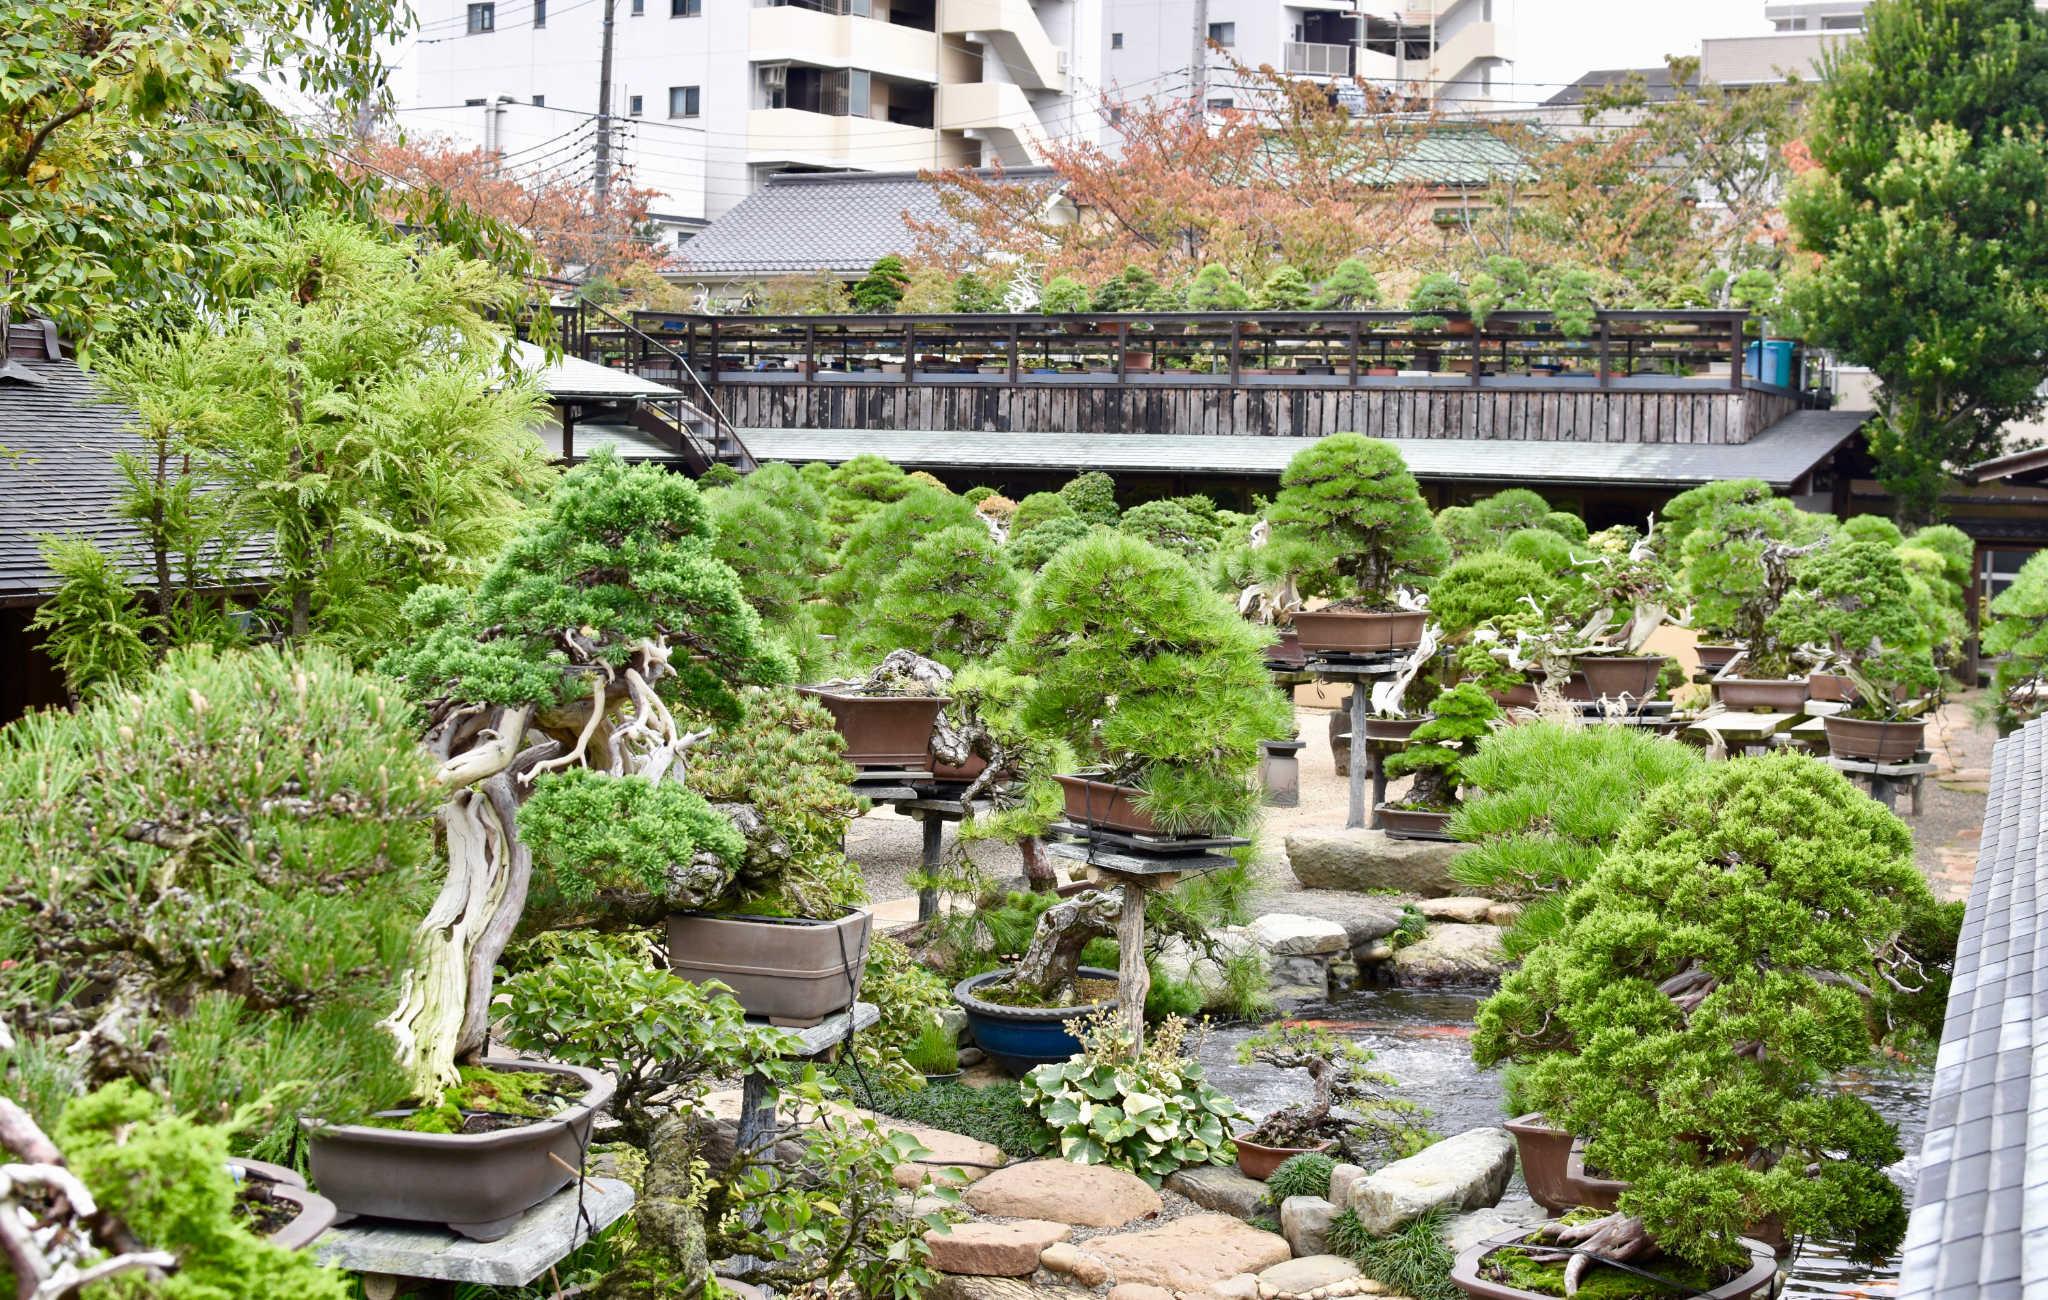 Vue du jardin shunka-en de Kunio Kobayashi